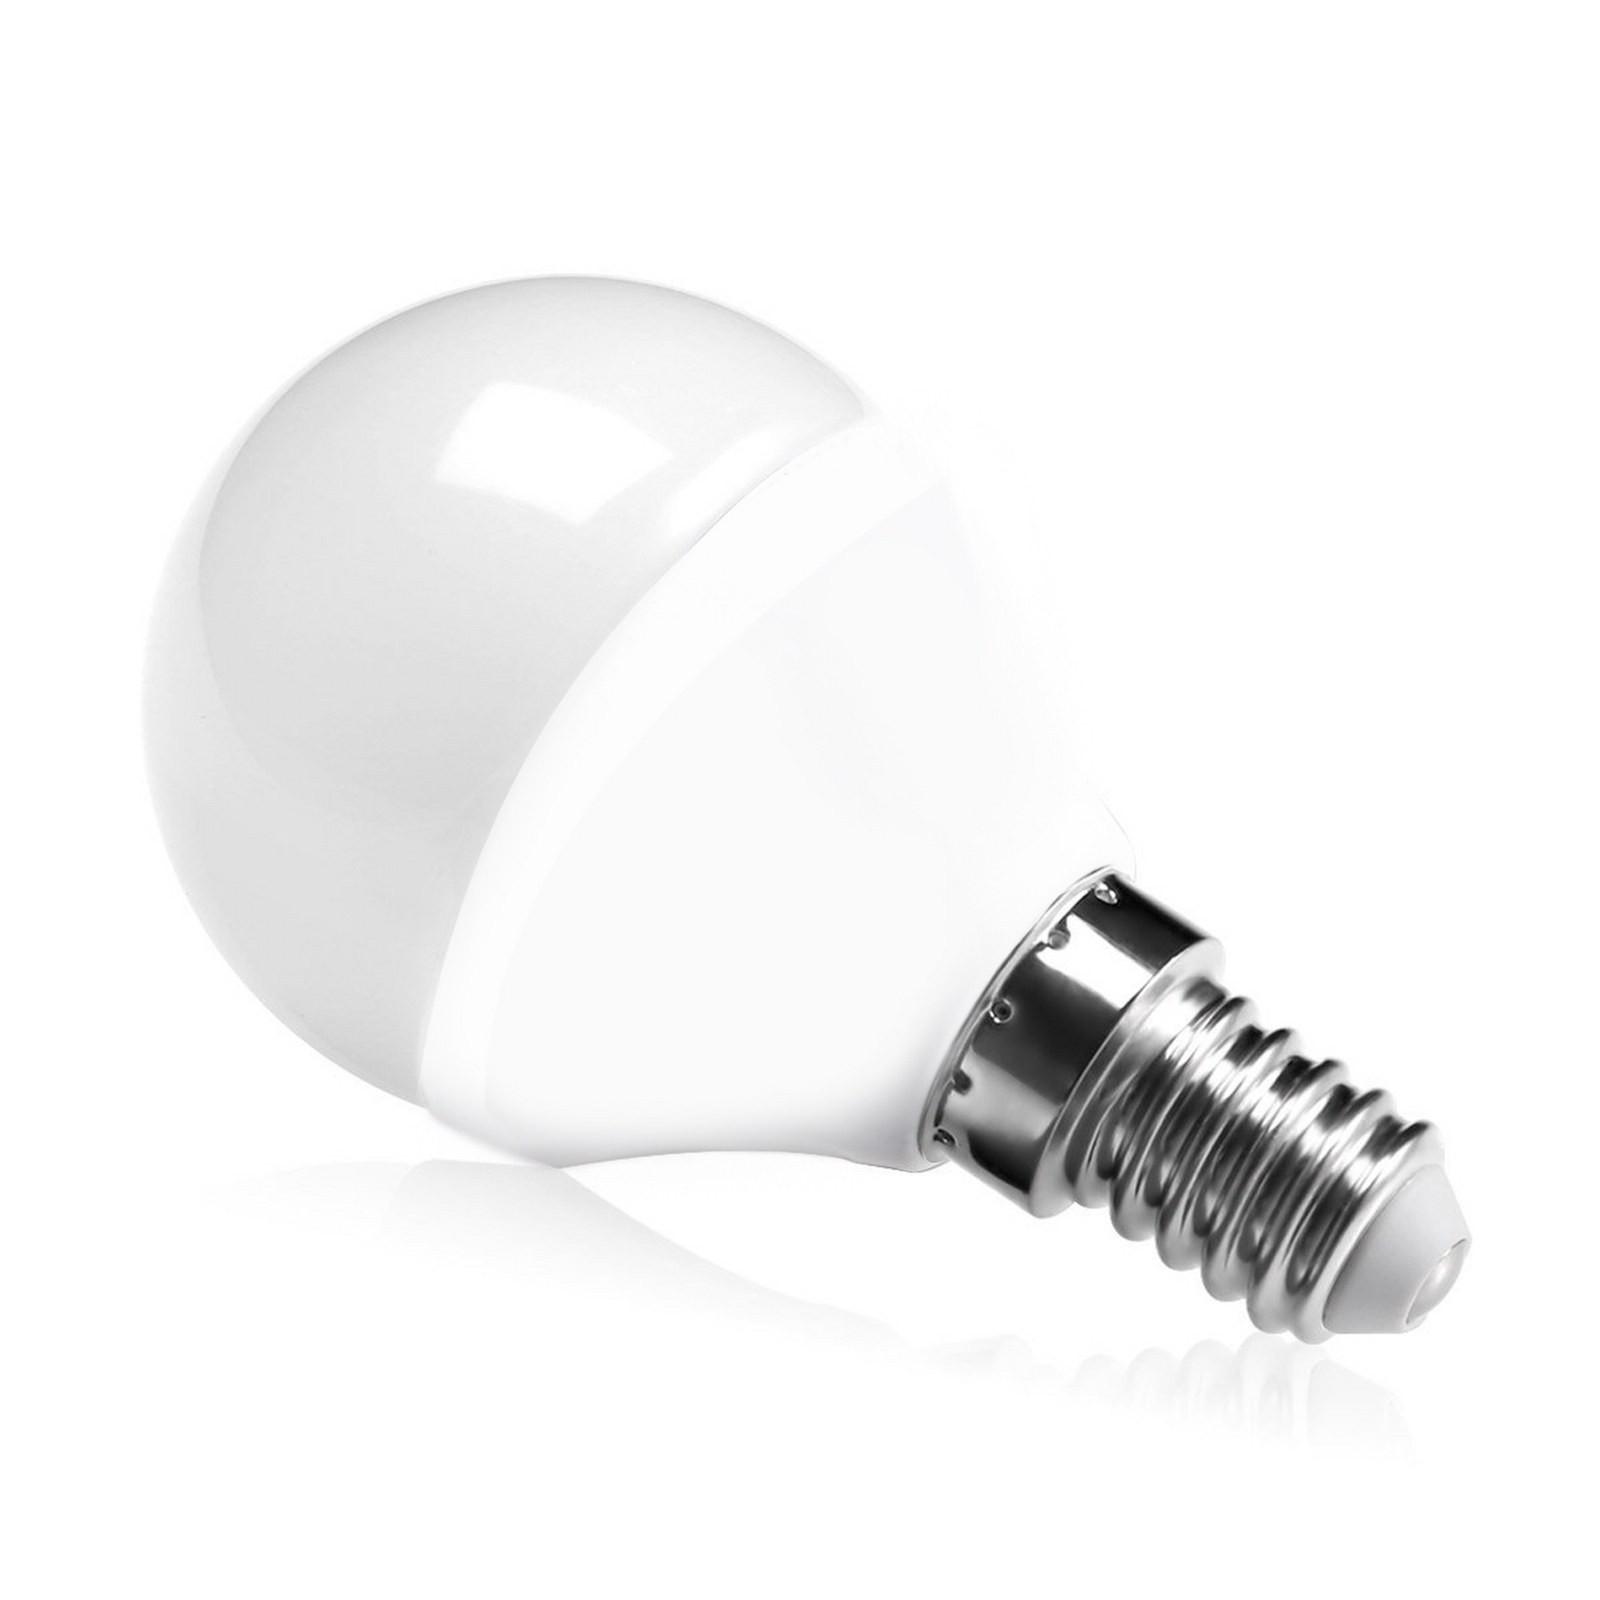 Lampada lampadina led e14 5 5w mini sfera luce naturale for Lampada led lunga